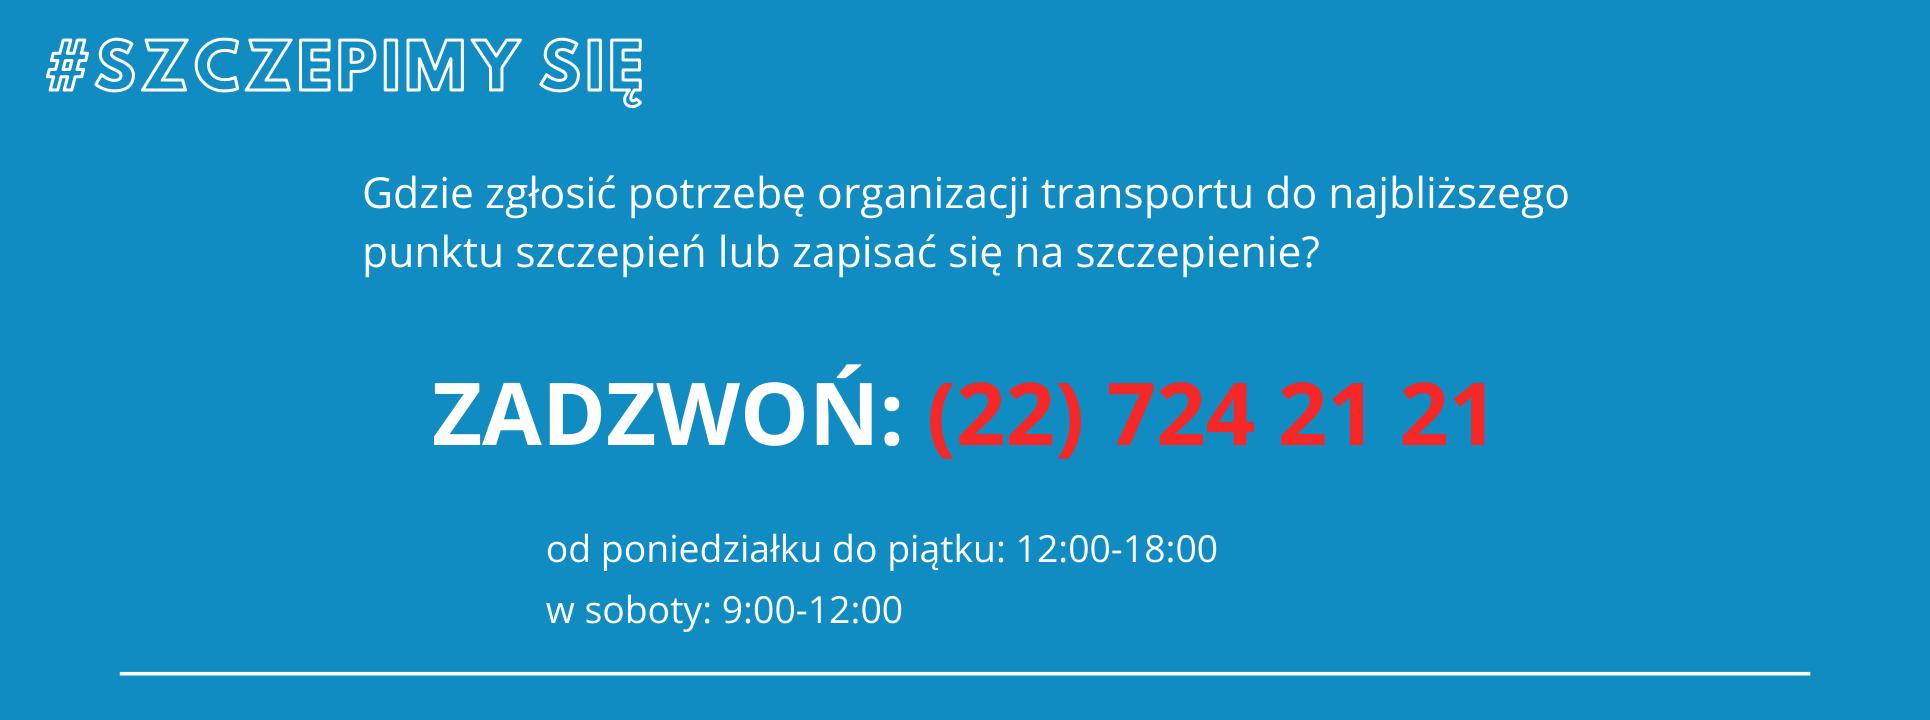 #SZCZEPIMY SIĘ Gdzie zgłosić potrzebę organizacji transportu do najbliższego punktu szczepień lub zapisać się na szczepienie? ZADZWOŃ: 22 724 21 21 od poniedziałku do piątku: 12:00-18:00 w soboty: 9:00-12:00